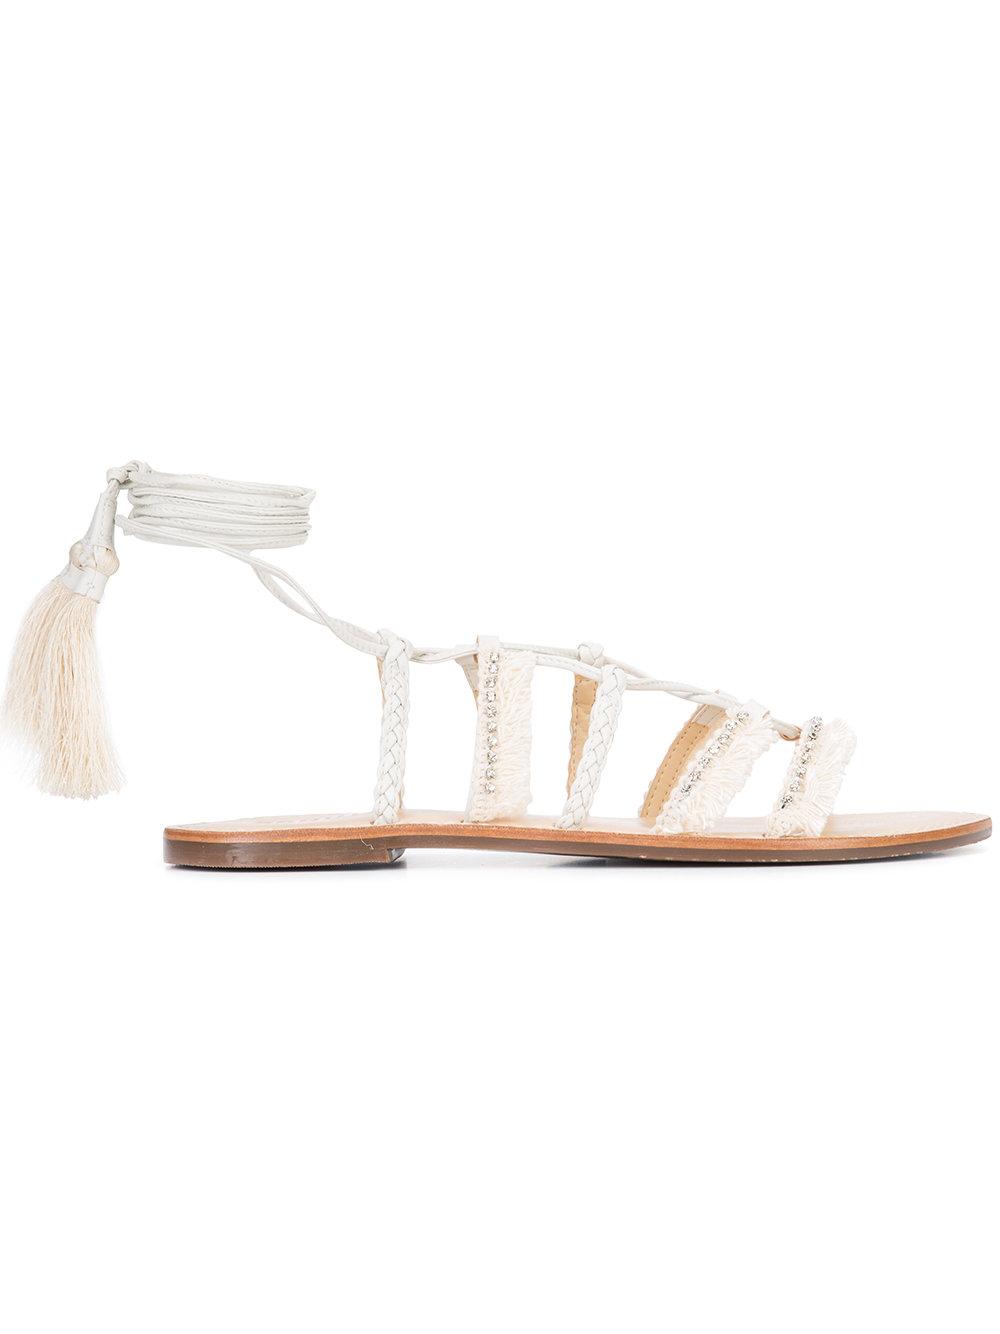 SCHUTZ sandals $190